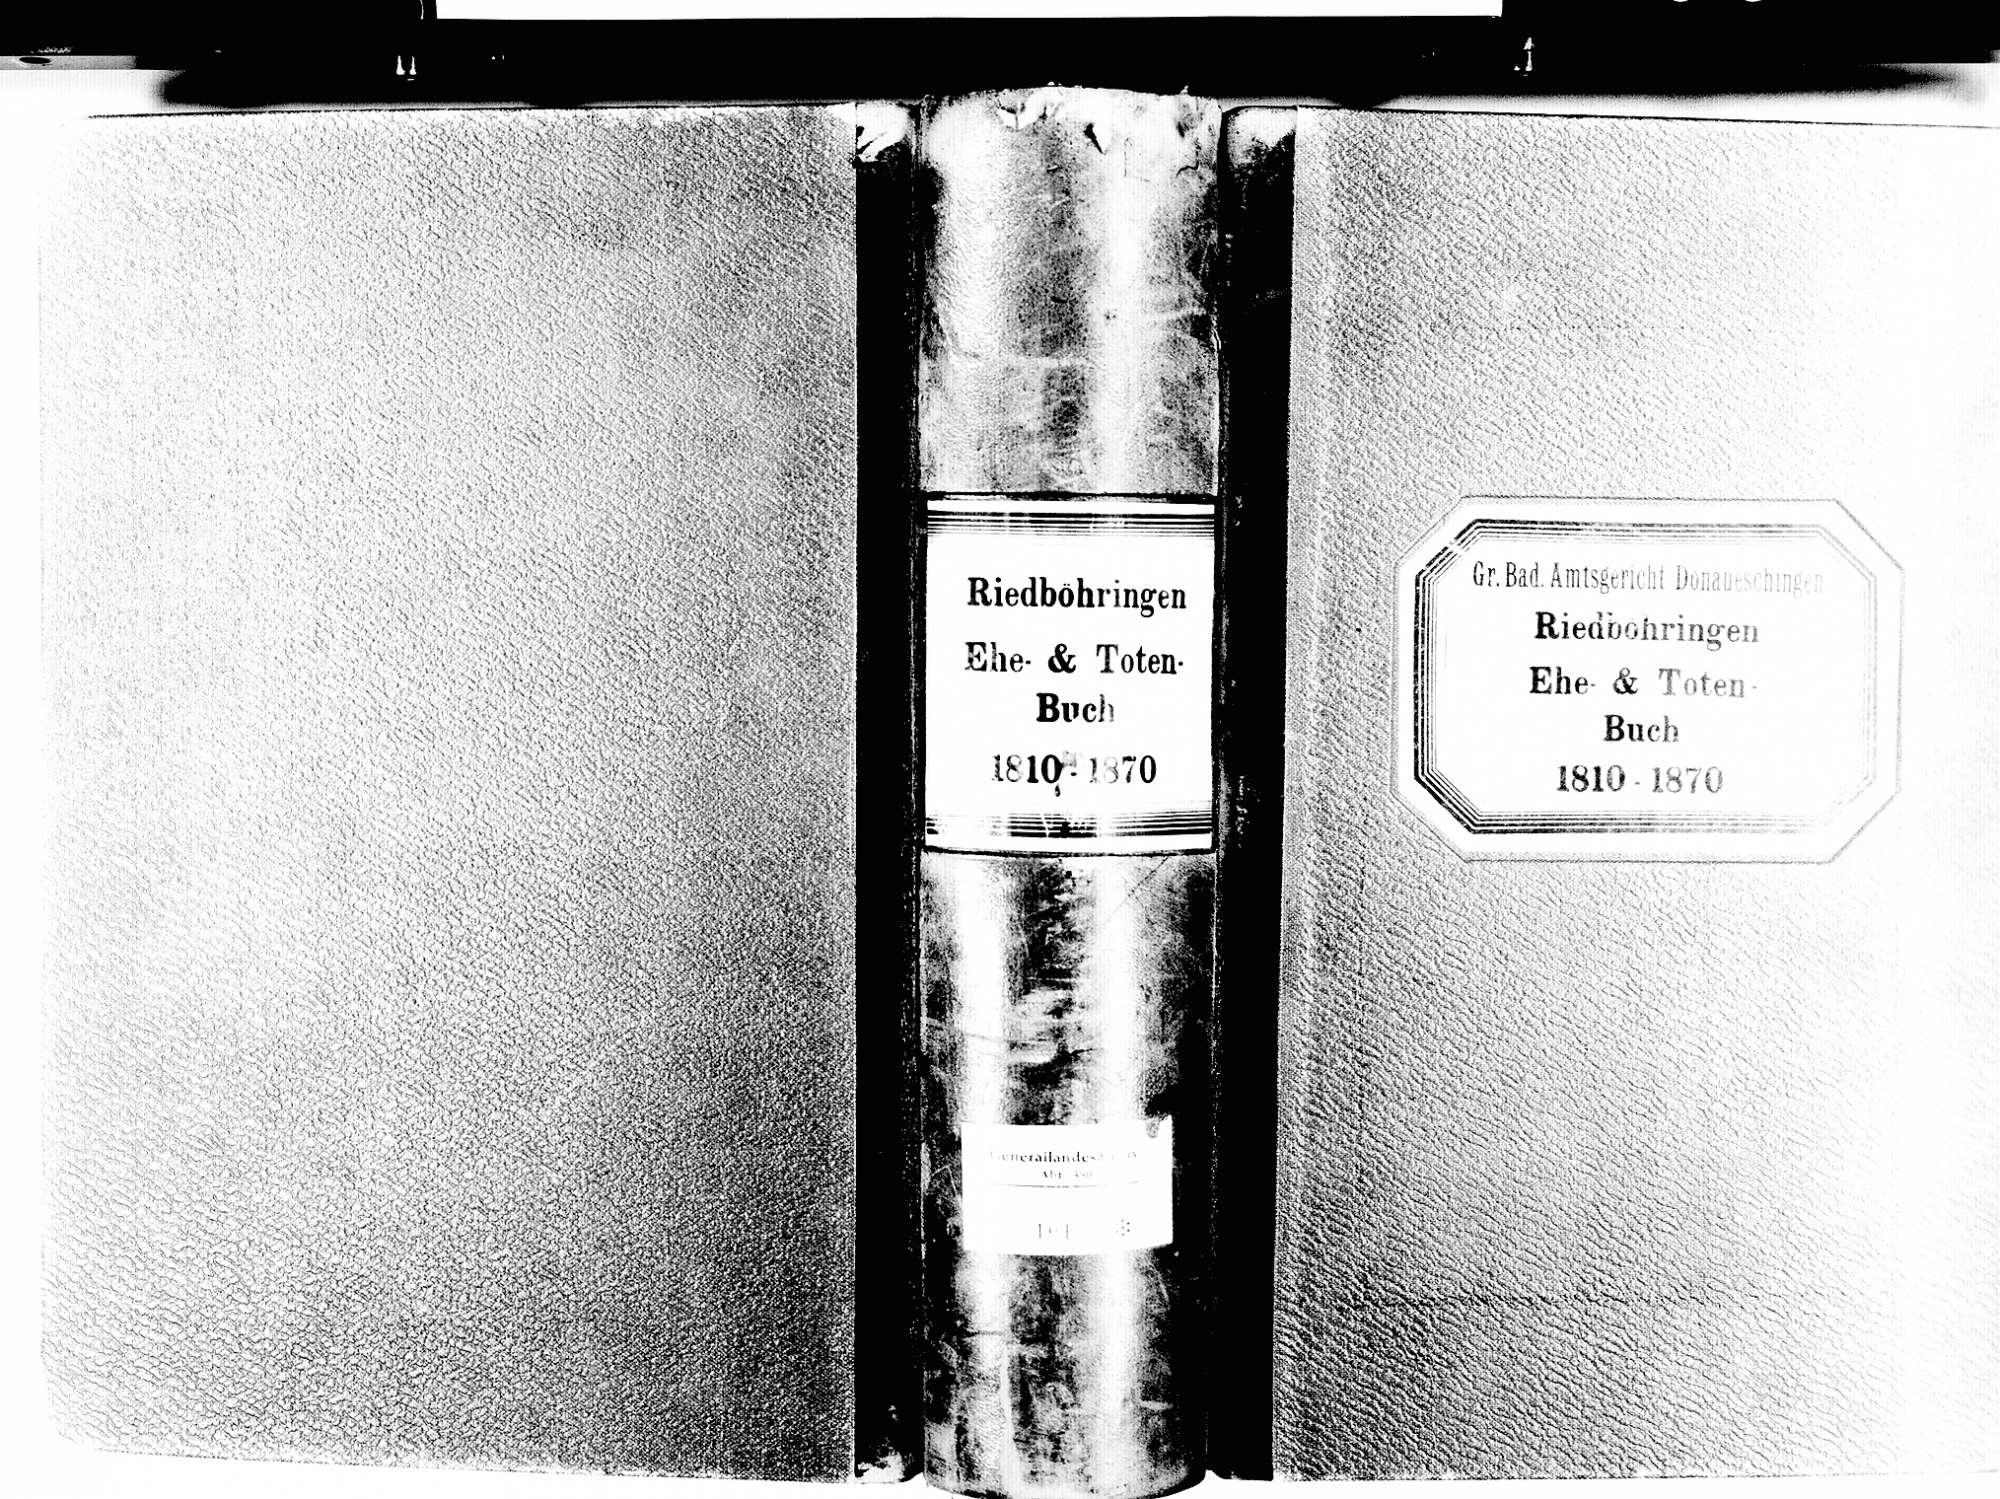 Riedböhringen, Blumberg VS; Katholische Gemeinde: Heiratsbuch 1810-1870 Riedböhringen, Blumberg VS; Katholische Gemeinde: Sterbebuch 1810-1870, Bild 1